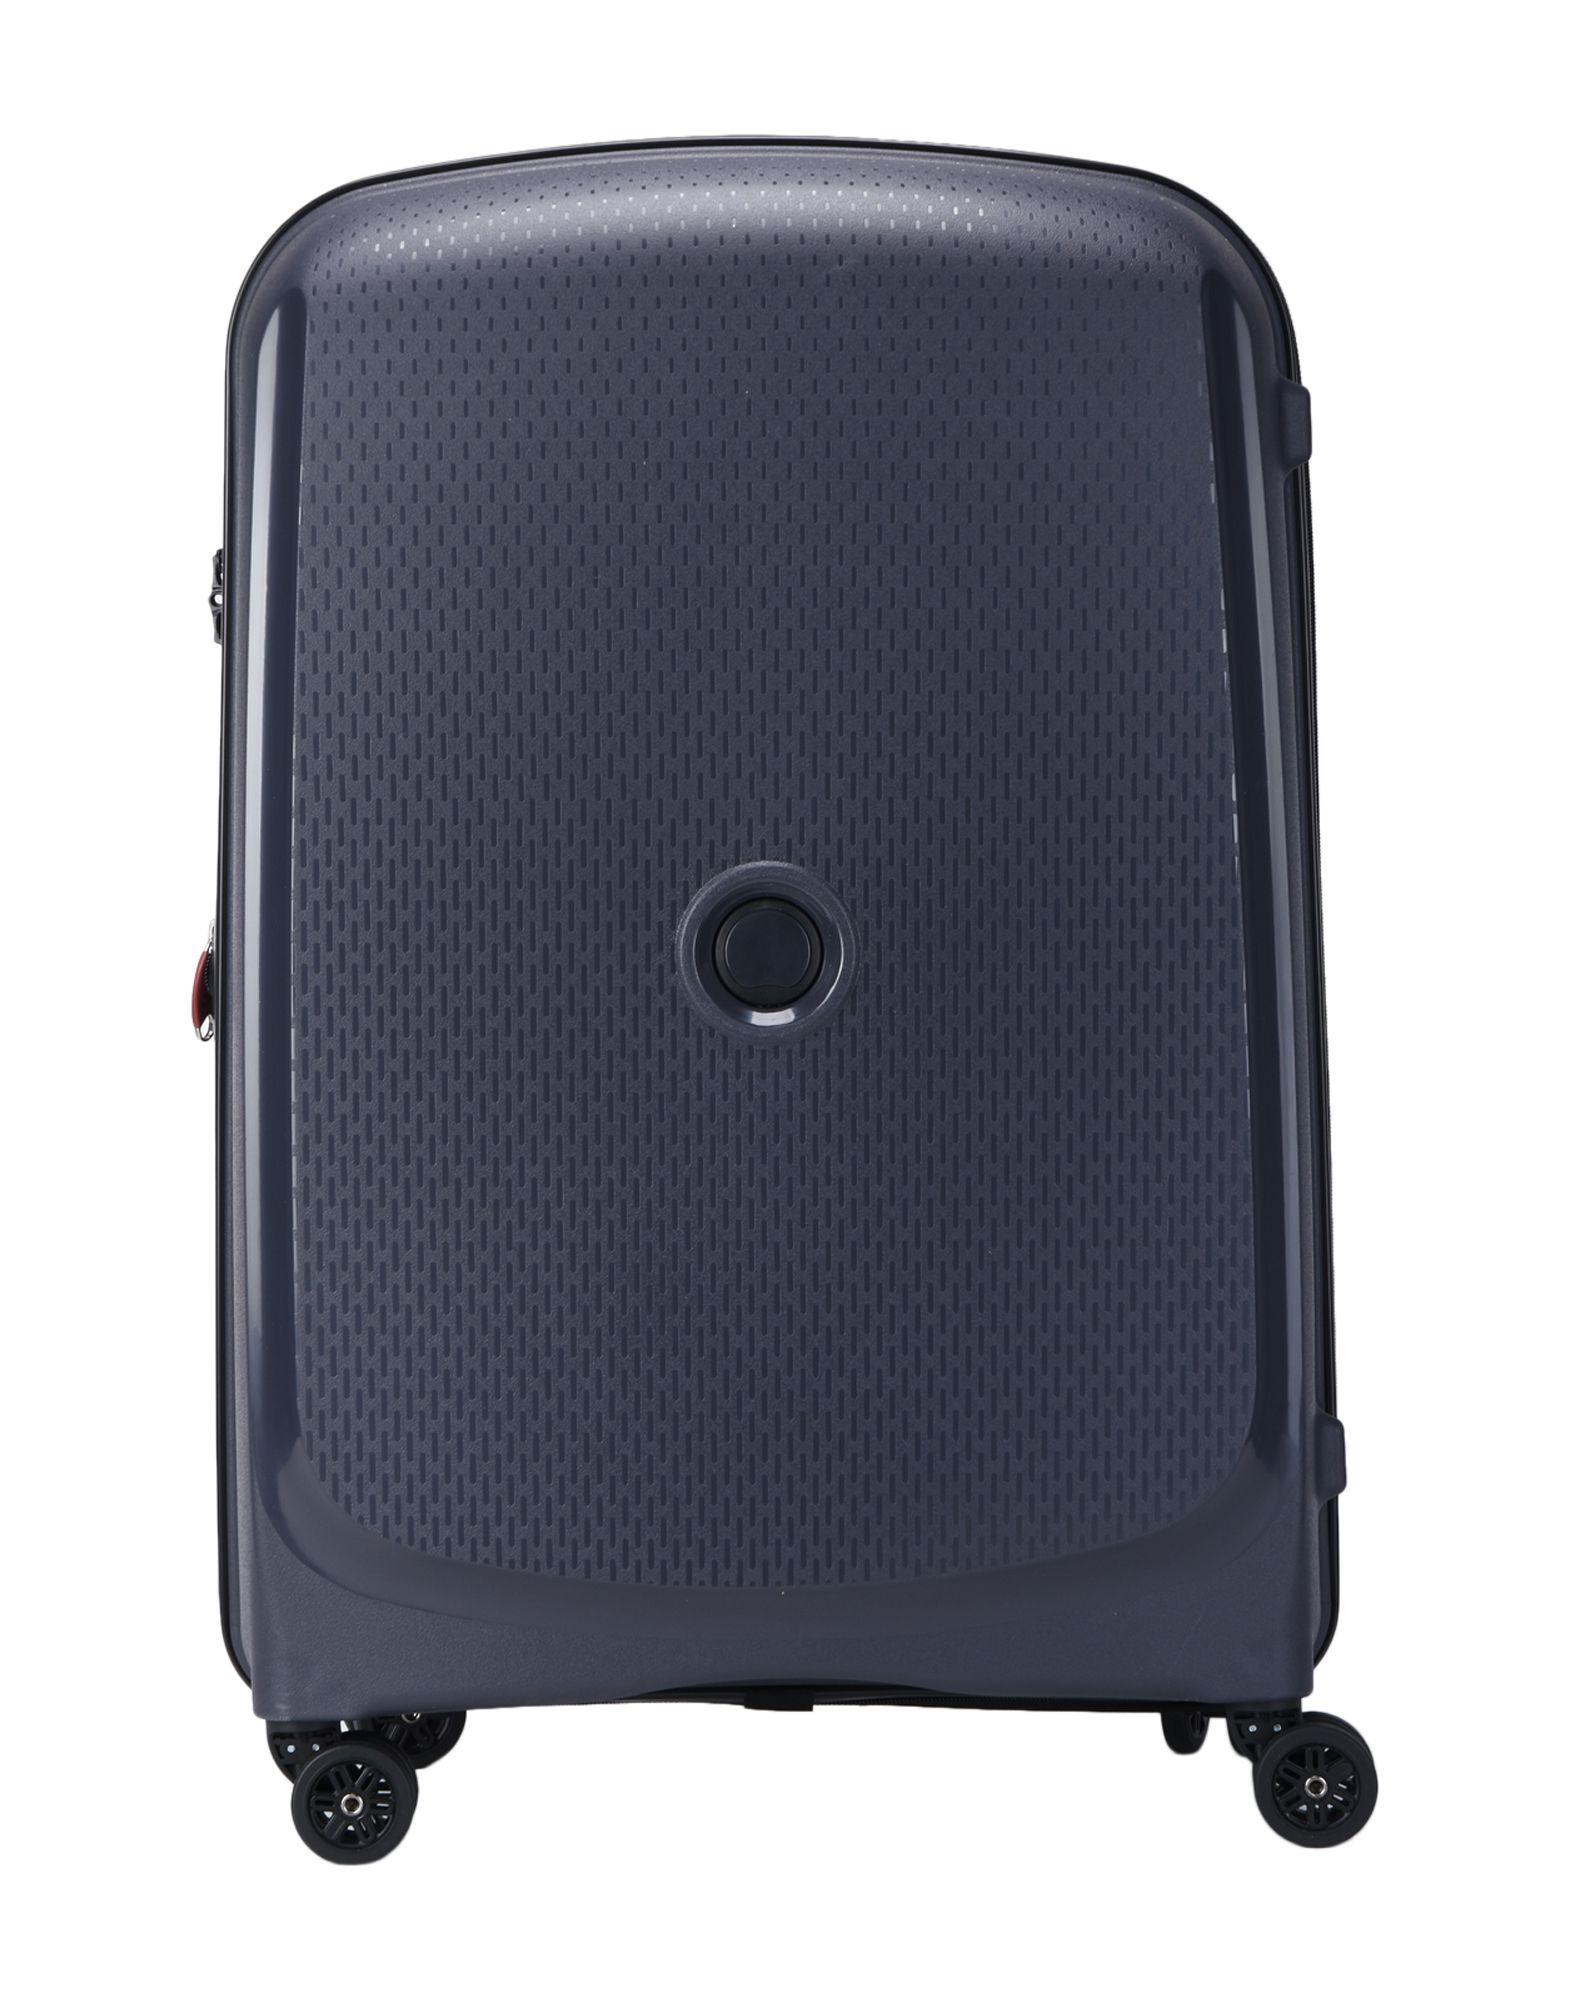 《送料無料》DELSEY Unisex キャスター付きバッグ スチールグレー ポリプロピレン BELMONT PLUS expandable Trolley